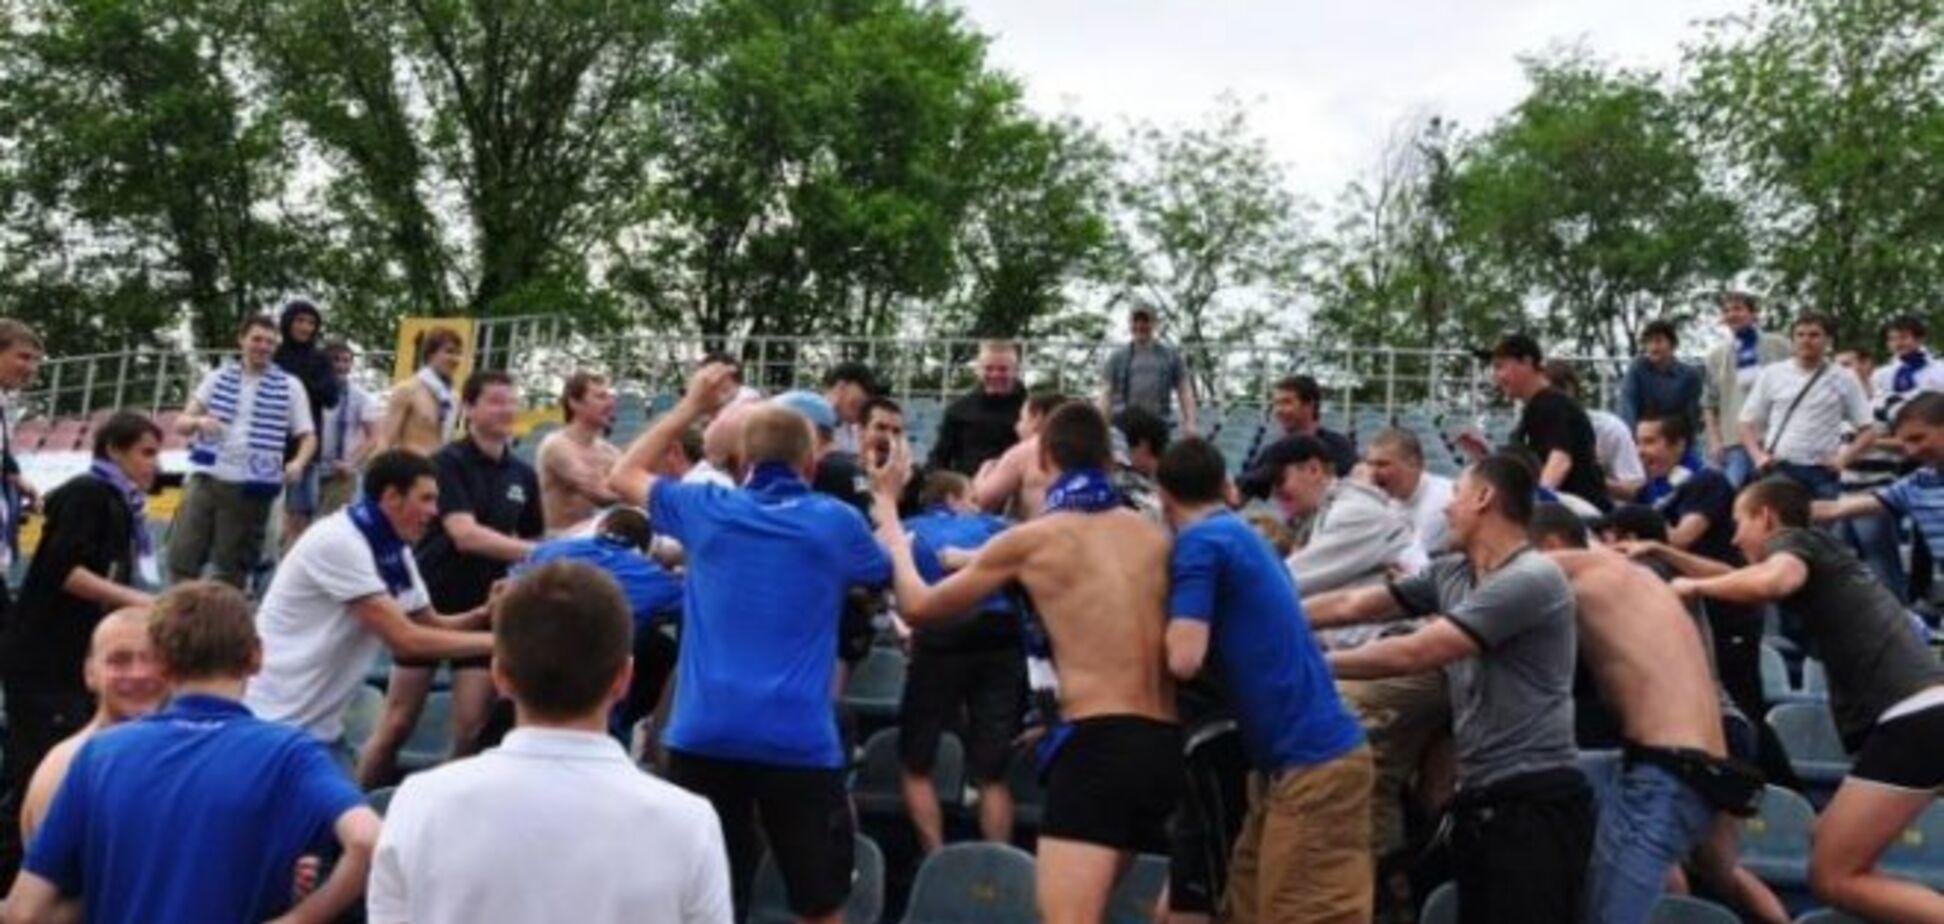 Є постраждалі: на матчі 'Маріуполь' - 'Динамо' відбулася грандіозна бійка - опубліковано відео